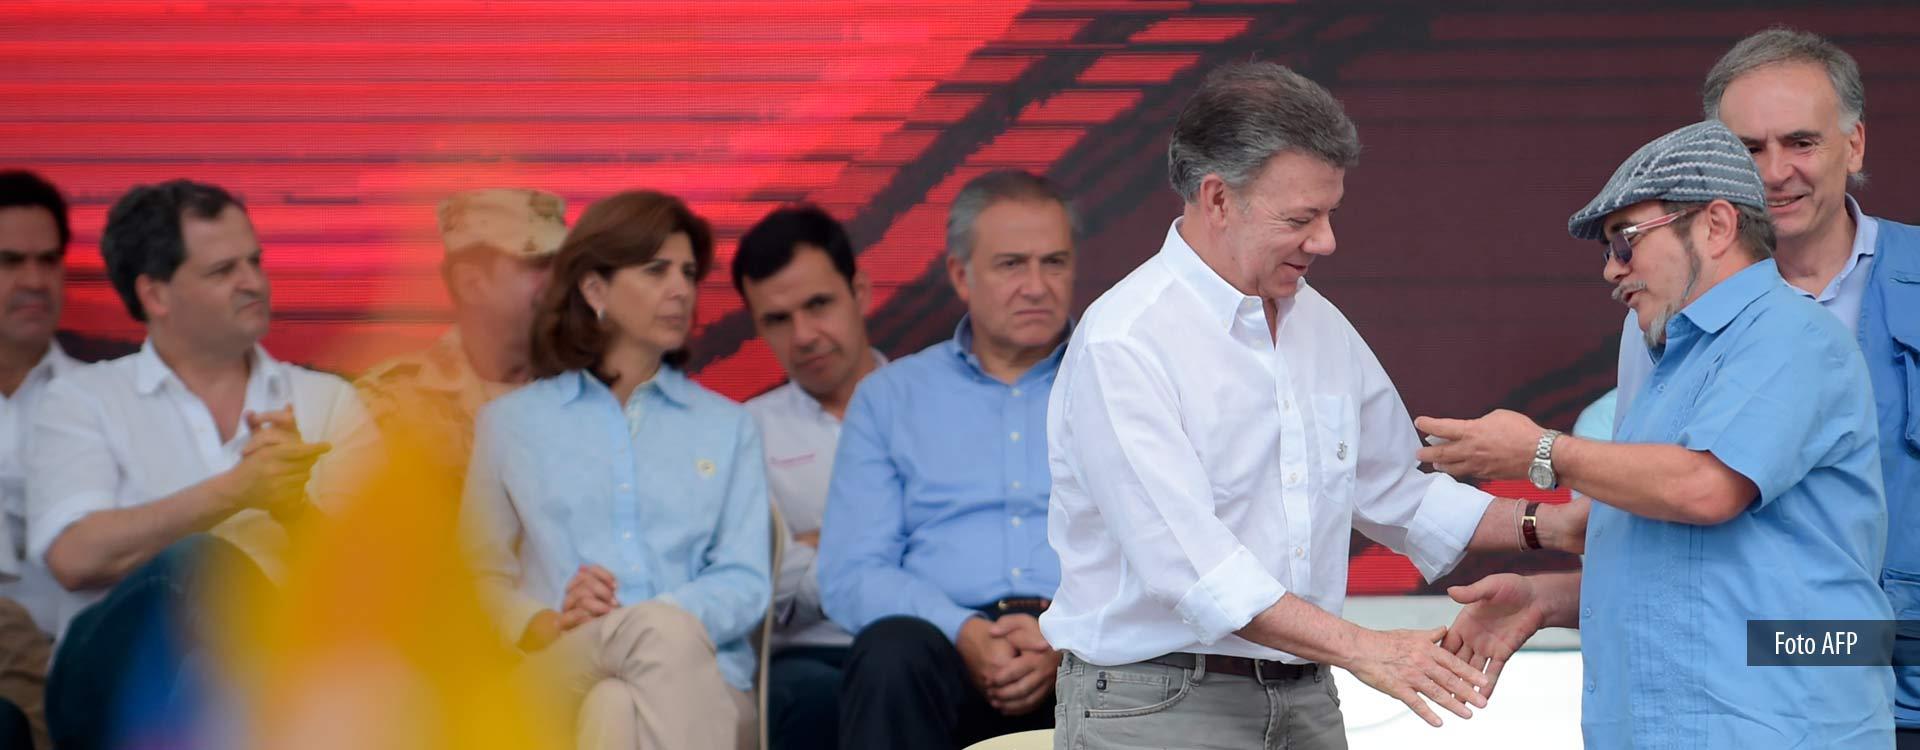 El presidente de Colombia, Juan Manuel Santos y Rodrigo Londoño, alias 'Timochenko', jefe de las Farc, durante el acto de entrega definitiva de armas de ese grupo guerrillero.